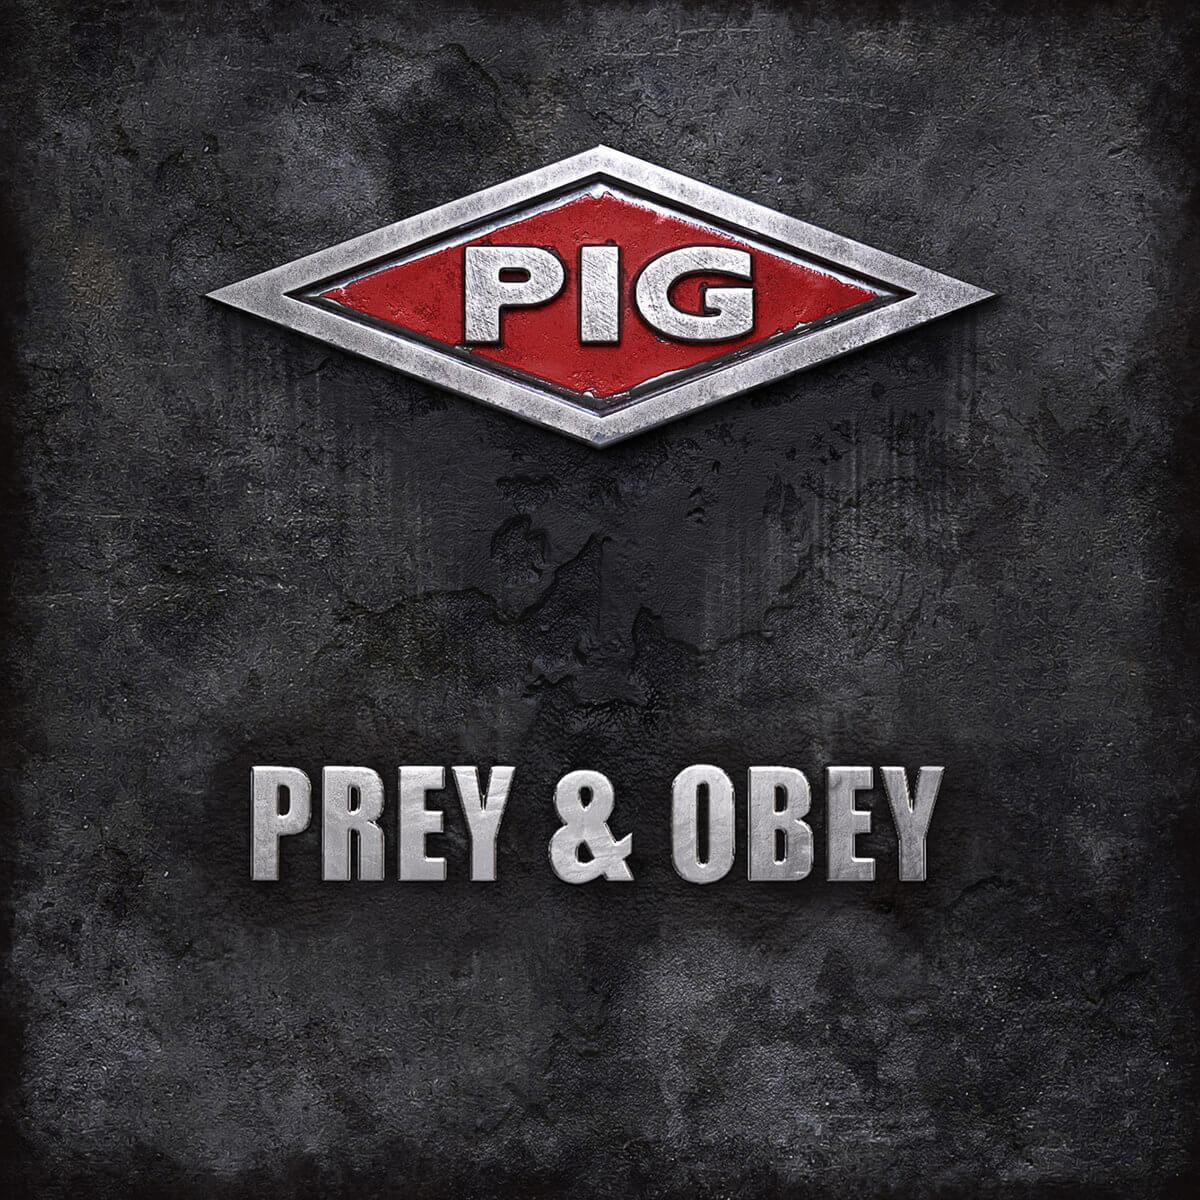 PIG Prey & Obey